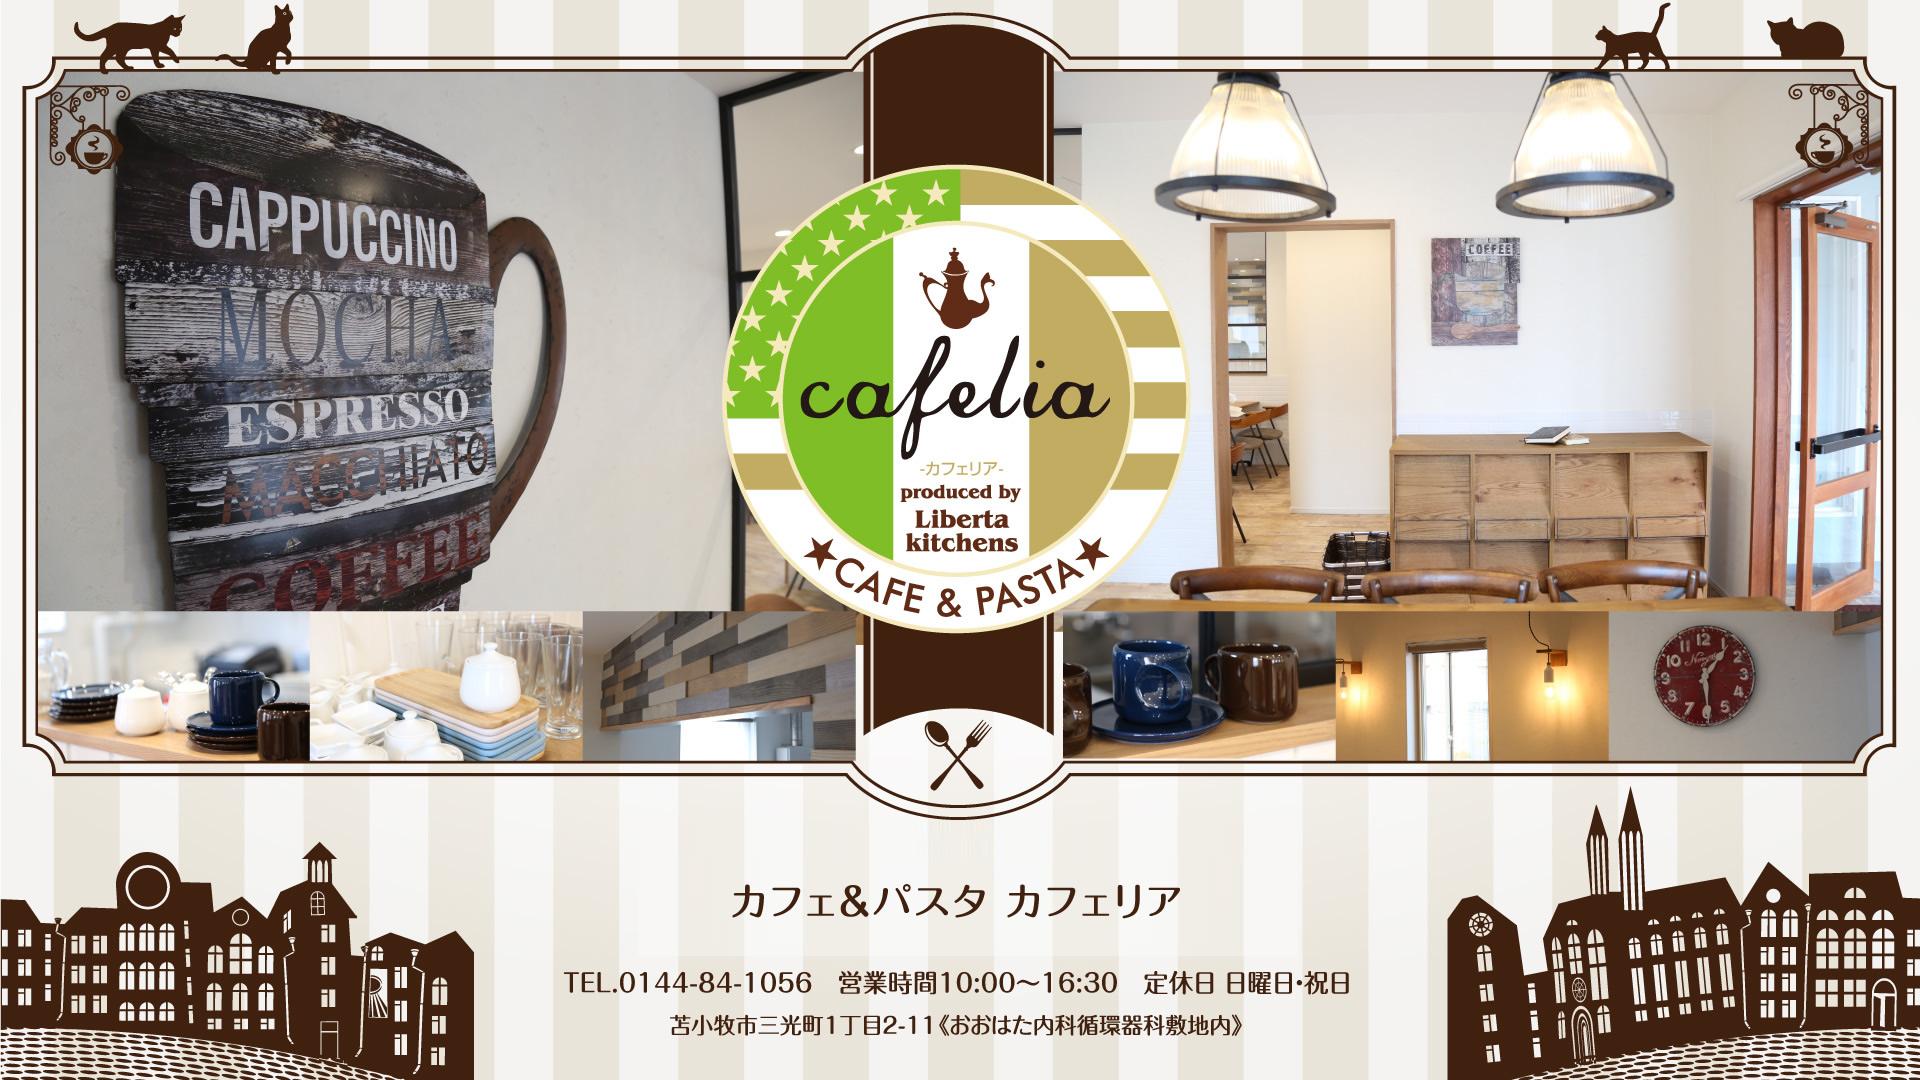 苫小牧 カフェ&パスタ「カフェリア」